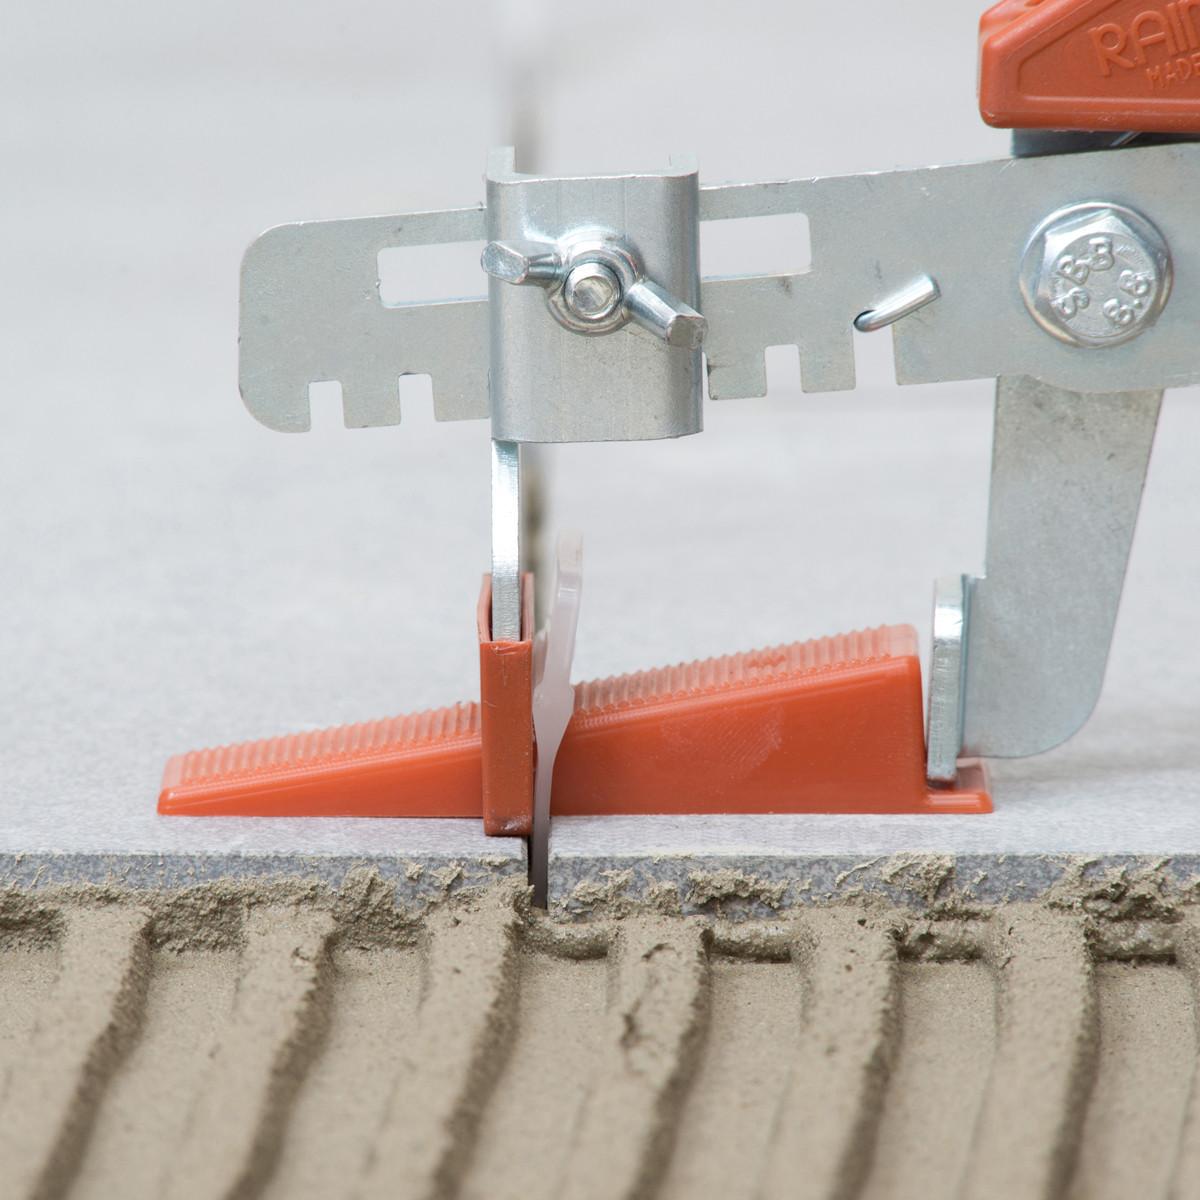 Kit rls raimondi distanziatori per pavimenti e piastrelle - Vendita piastrelle rovigo ...